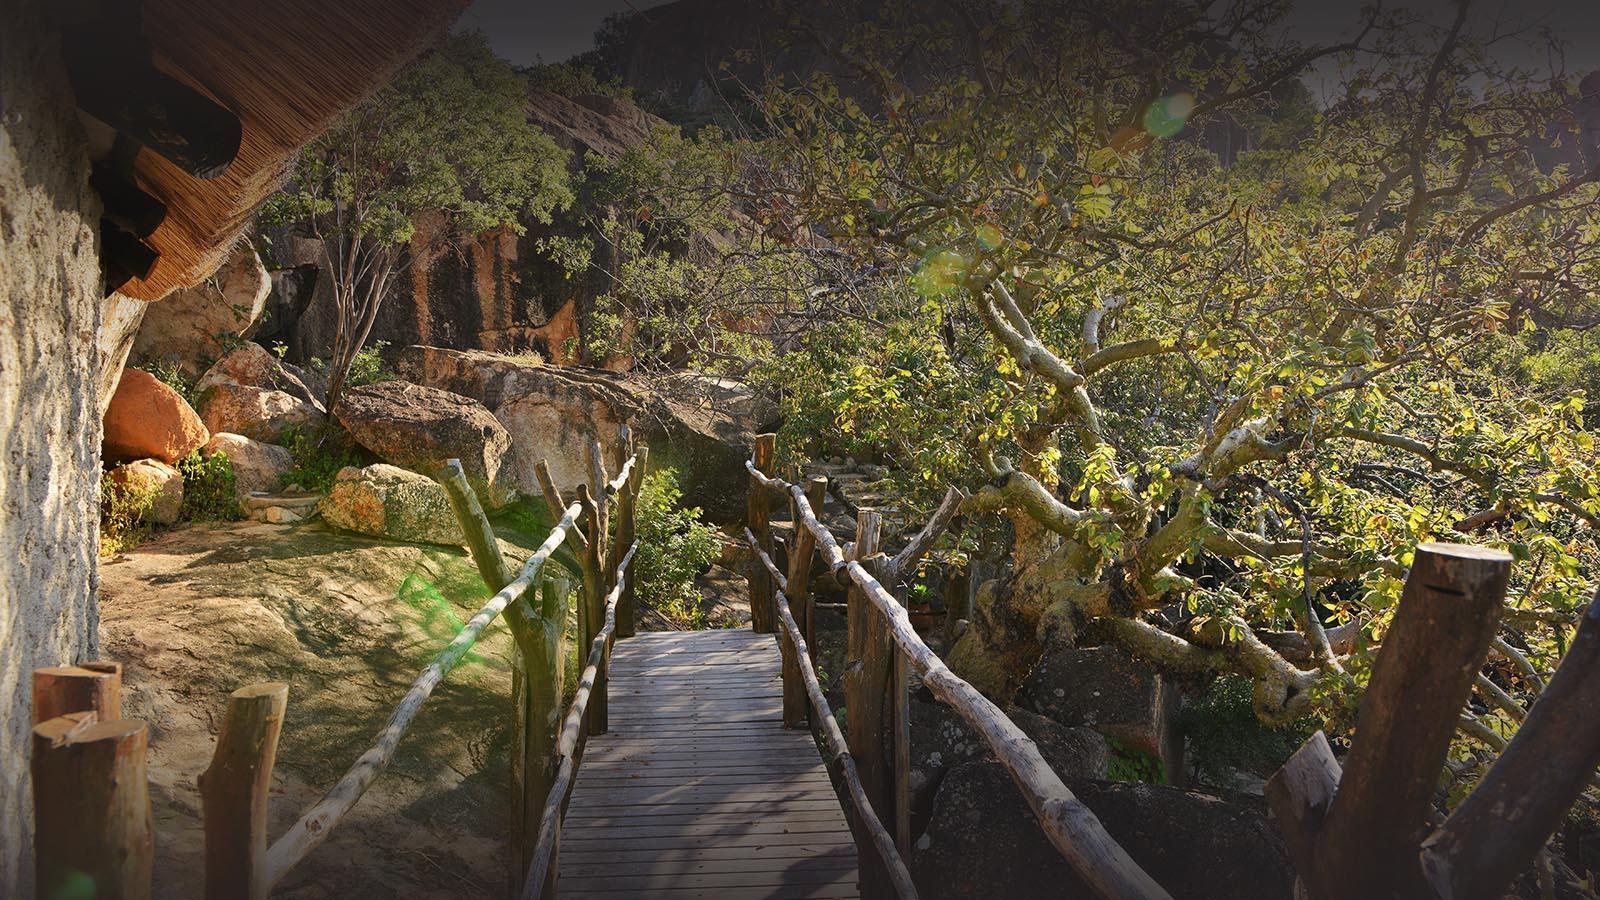 amalinda lodge matopos-national-park-lodges-zimbabwe-lodges-africa-path